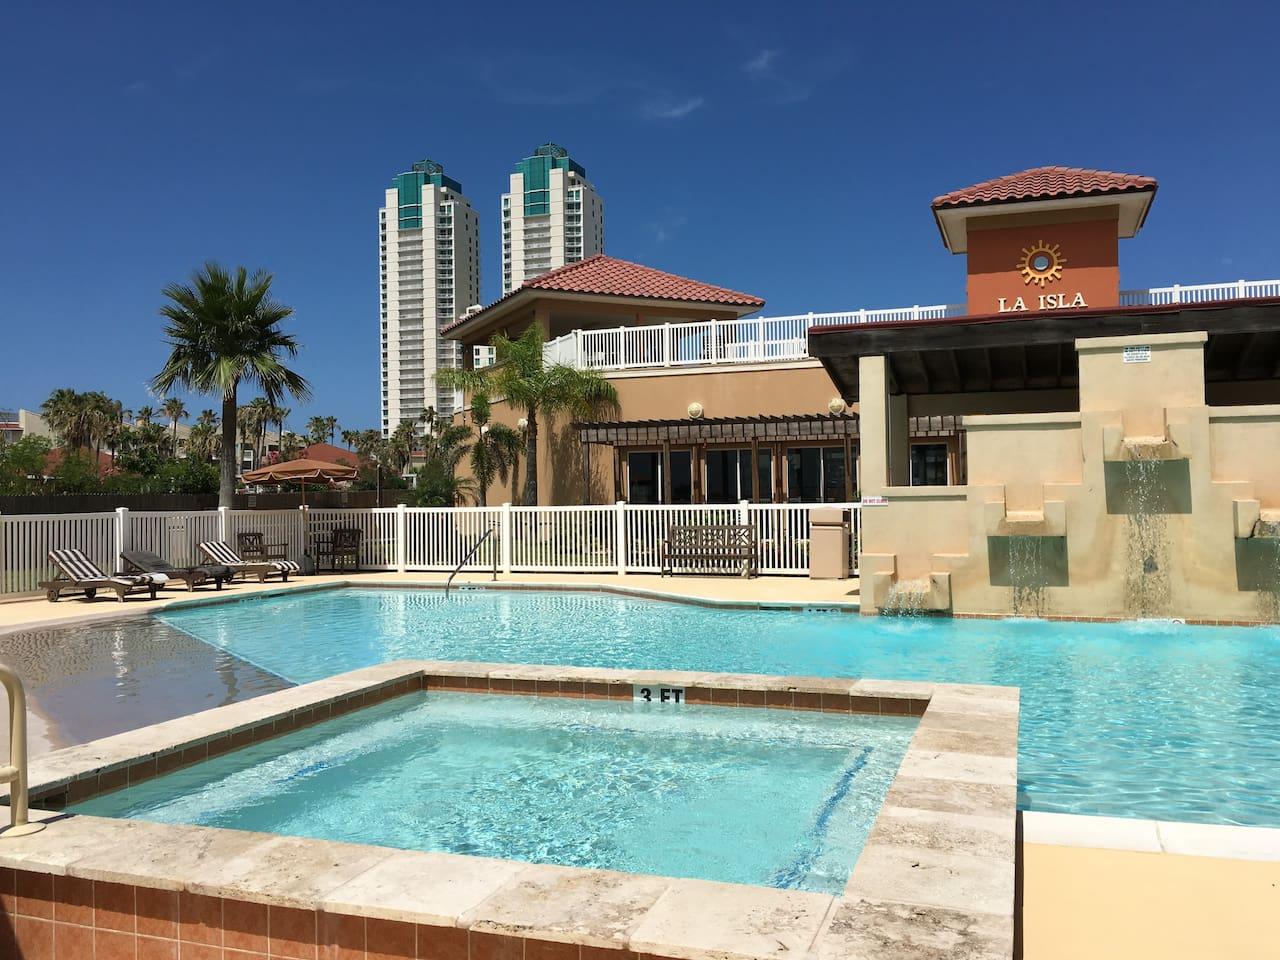 La Isla Residences Pool #1 with 2 Hot Tubes